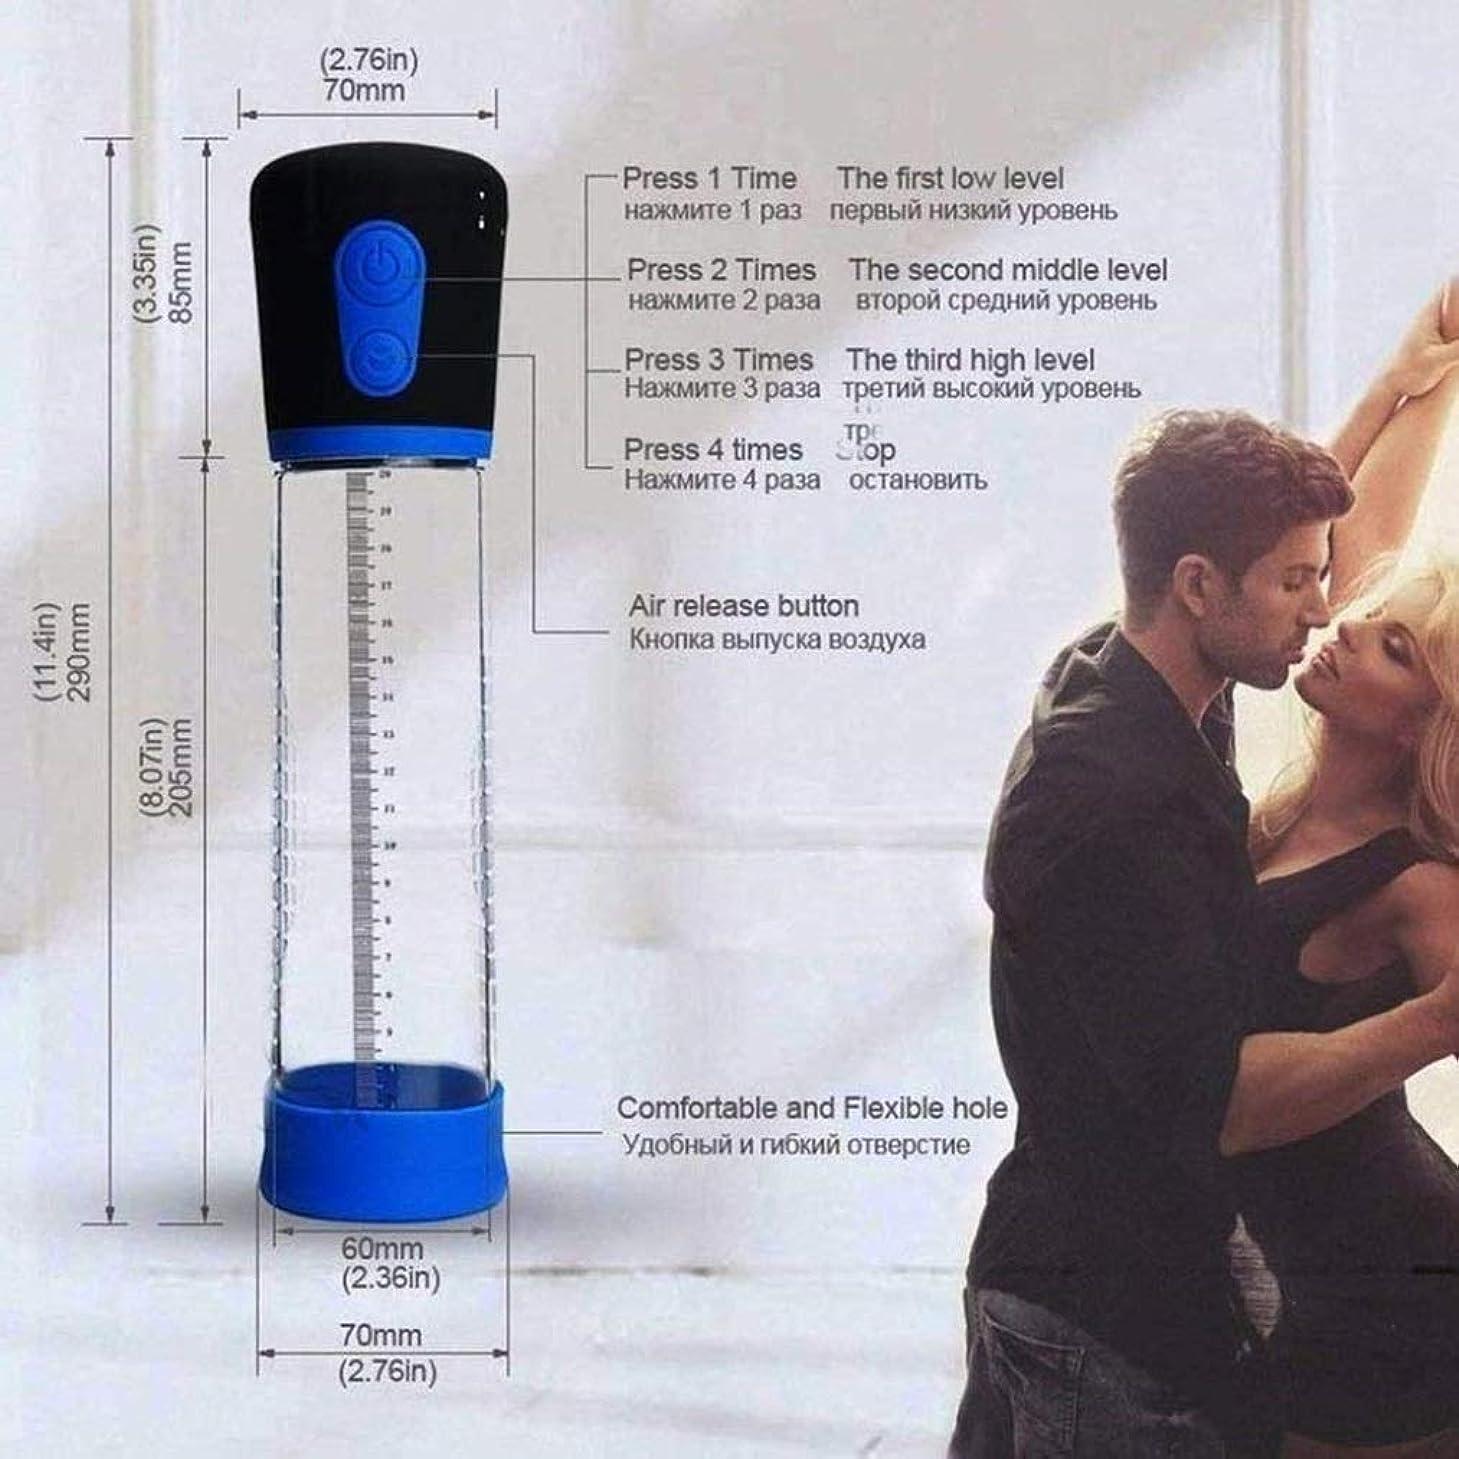 指紋懺悔素晴らしい良い多くのWsss- マッサージツール 現実的な男性電動自動拡大ポンプ効果的なパワー真空ポンプツール、ペニスエクステンダーフィットほとんどの男性はサイズと強度を増加させます